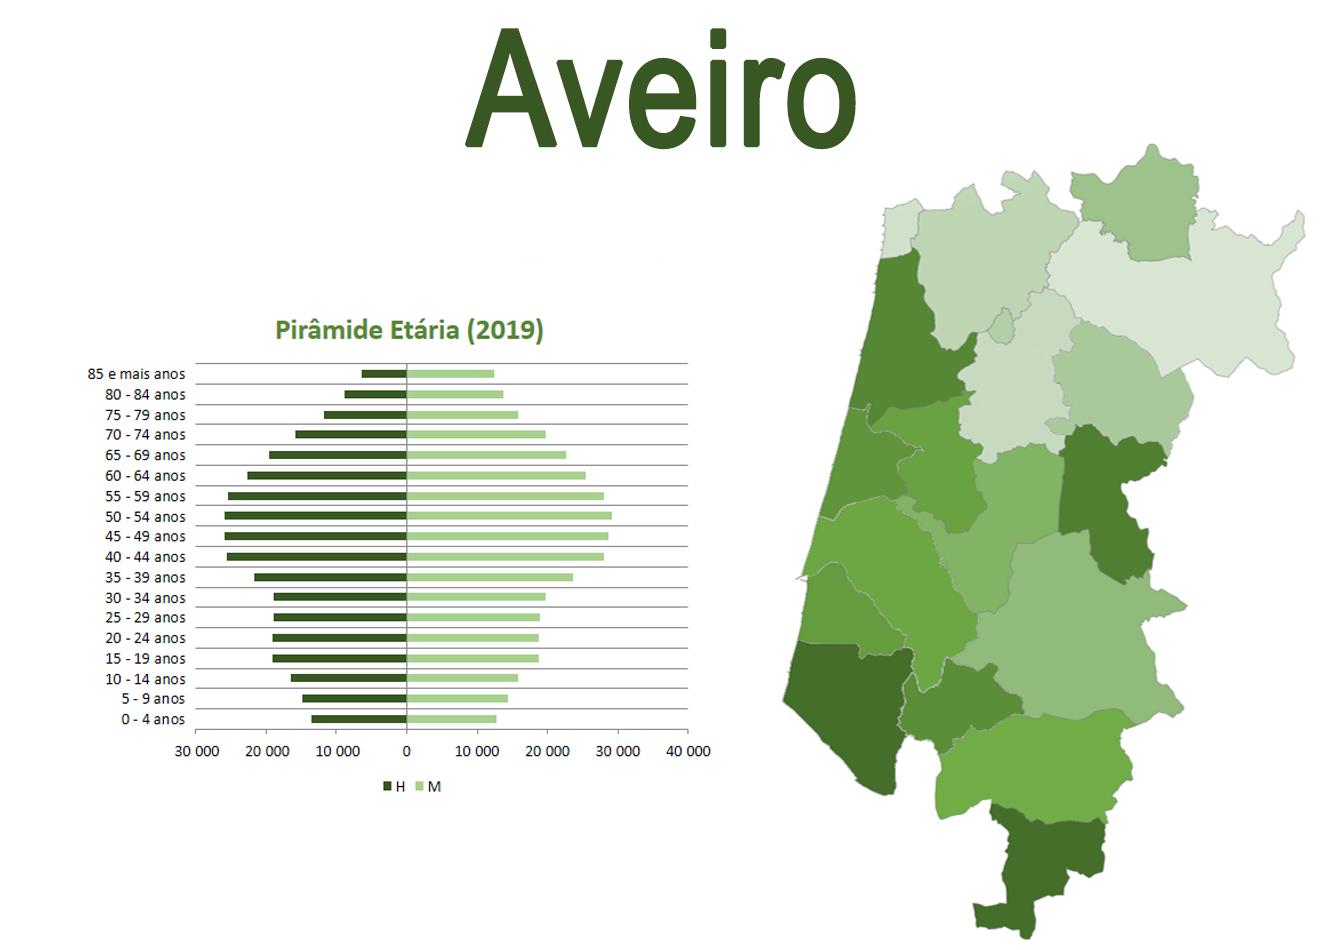 Mapa e Pirâmide Etária do Distrito de Aveiro